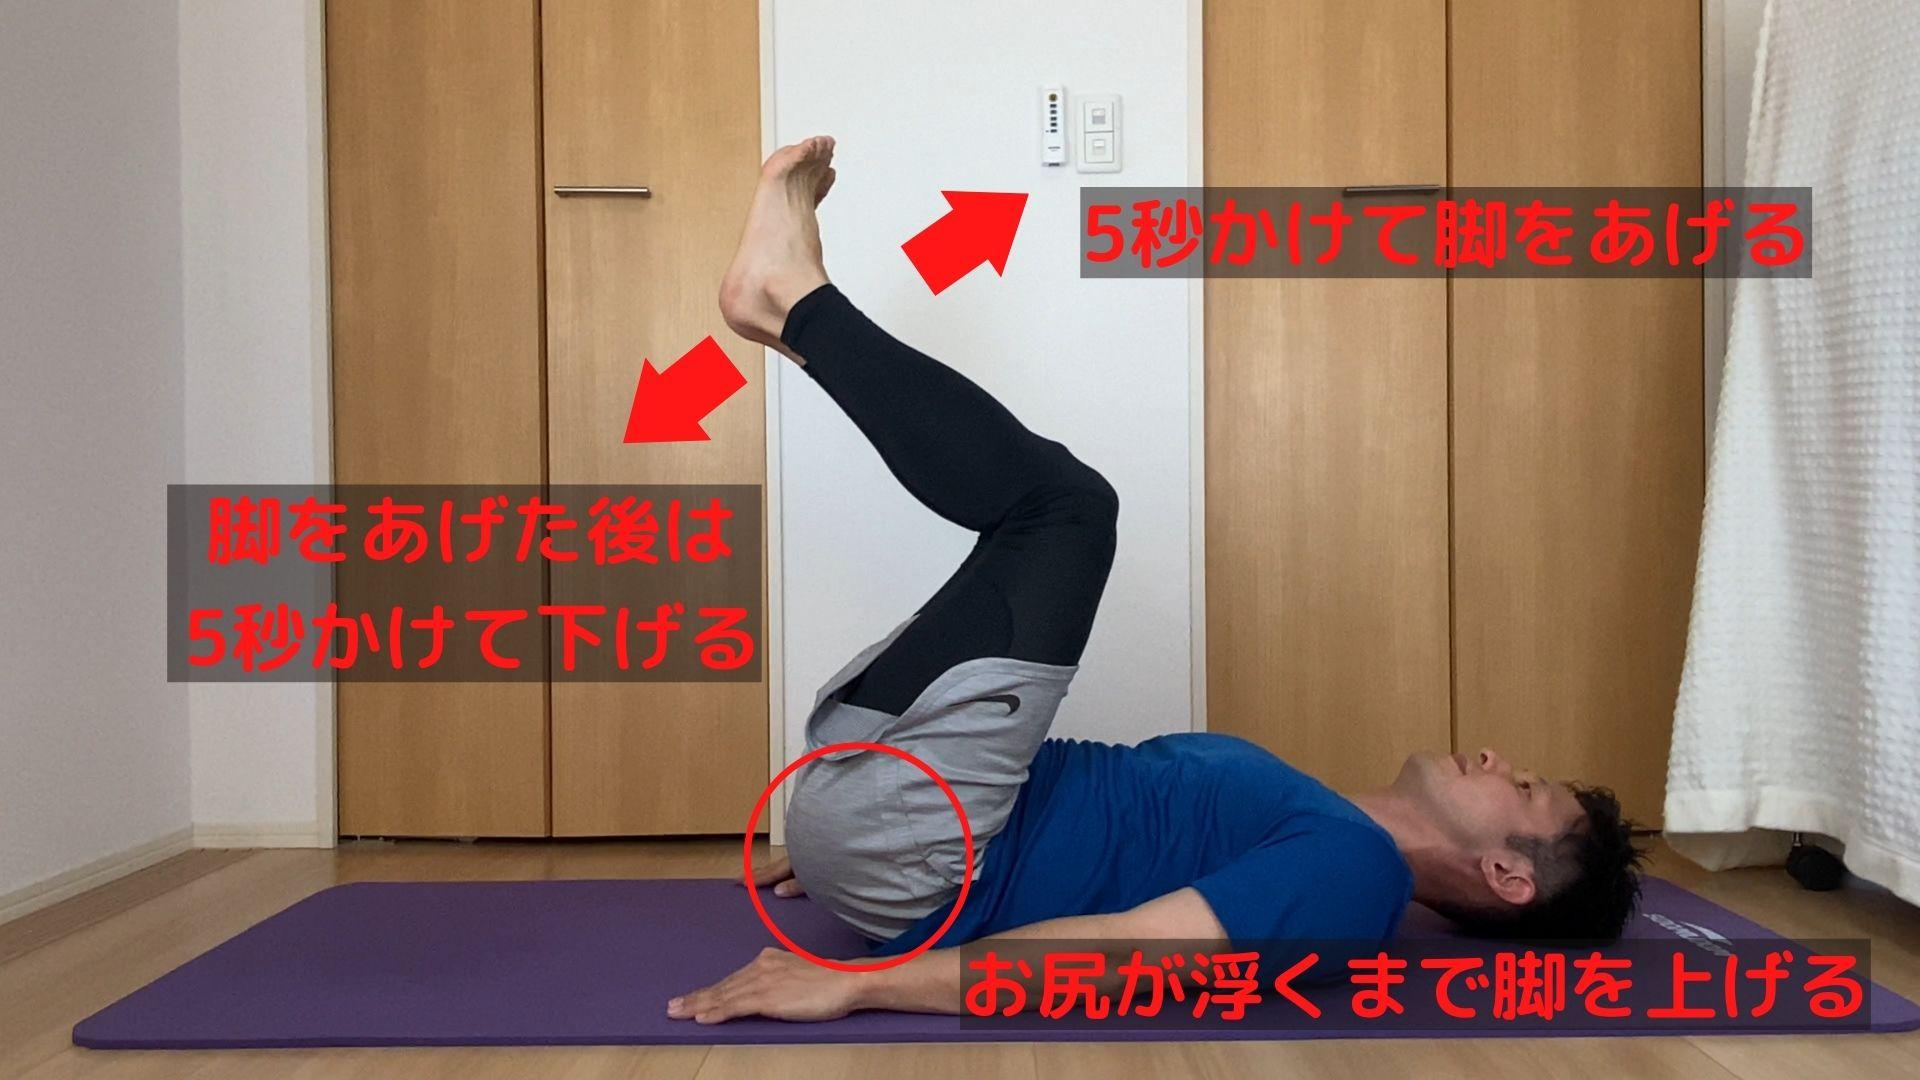 5秒間かけて、膝を胸の方へ引きつけます